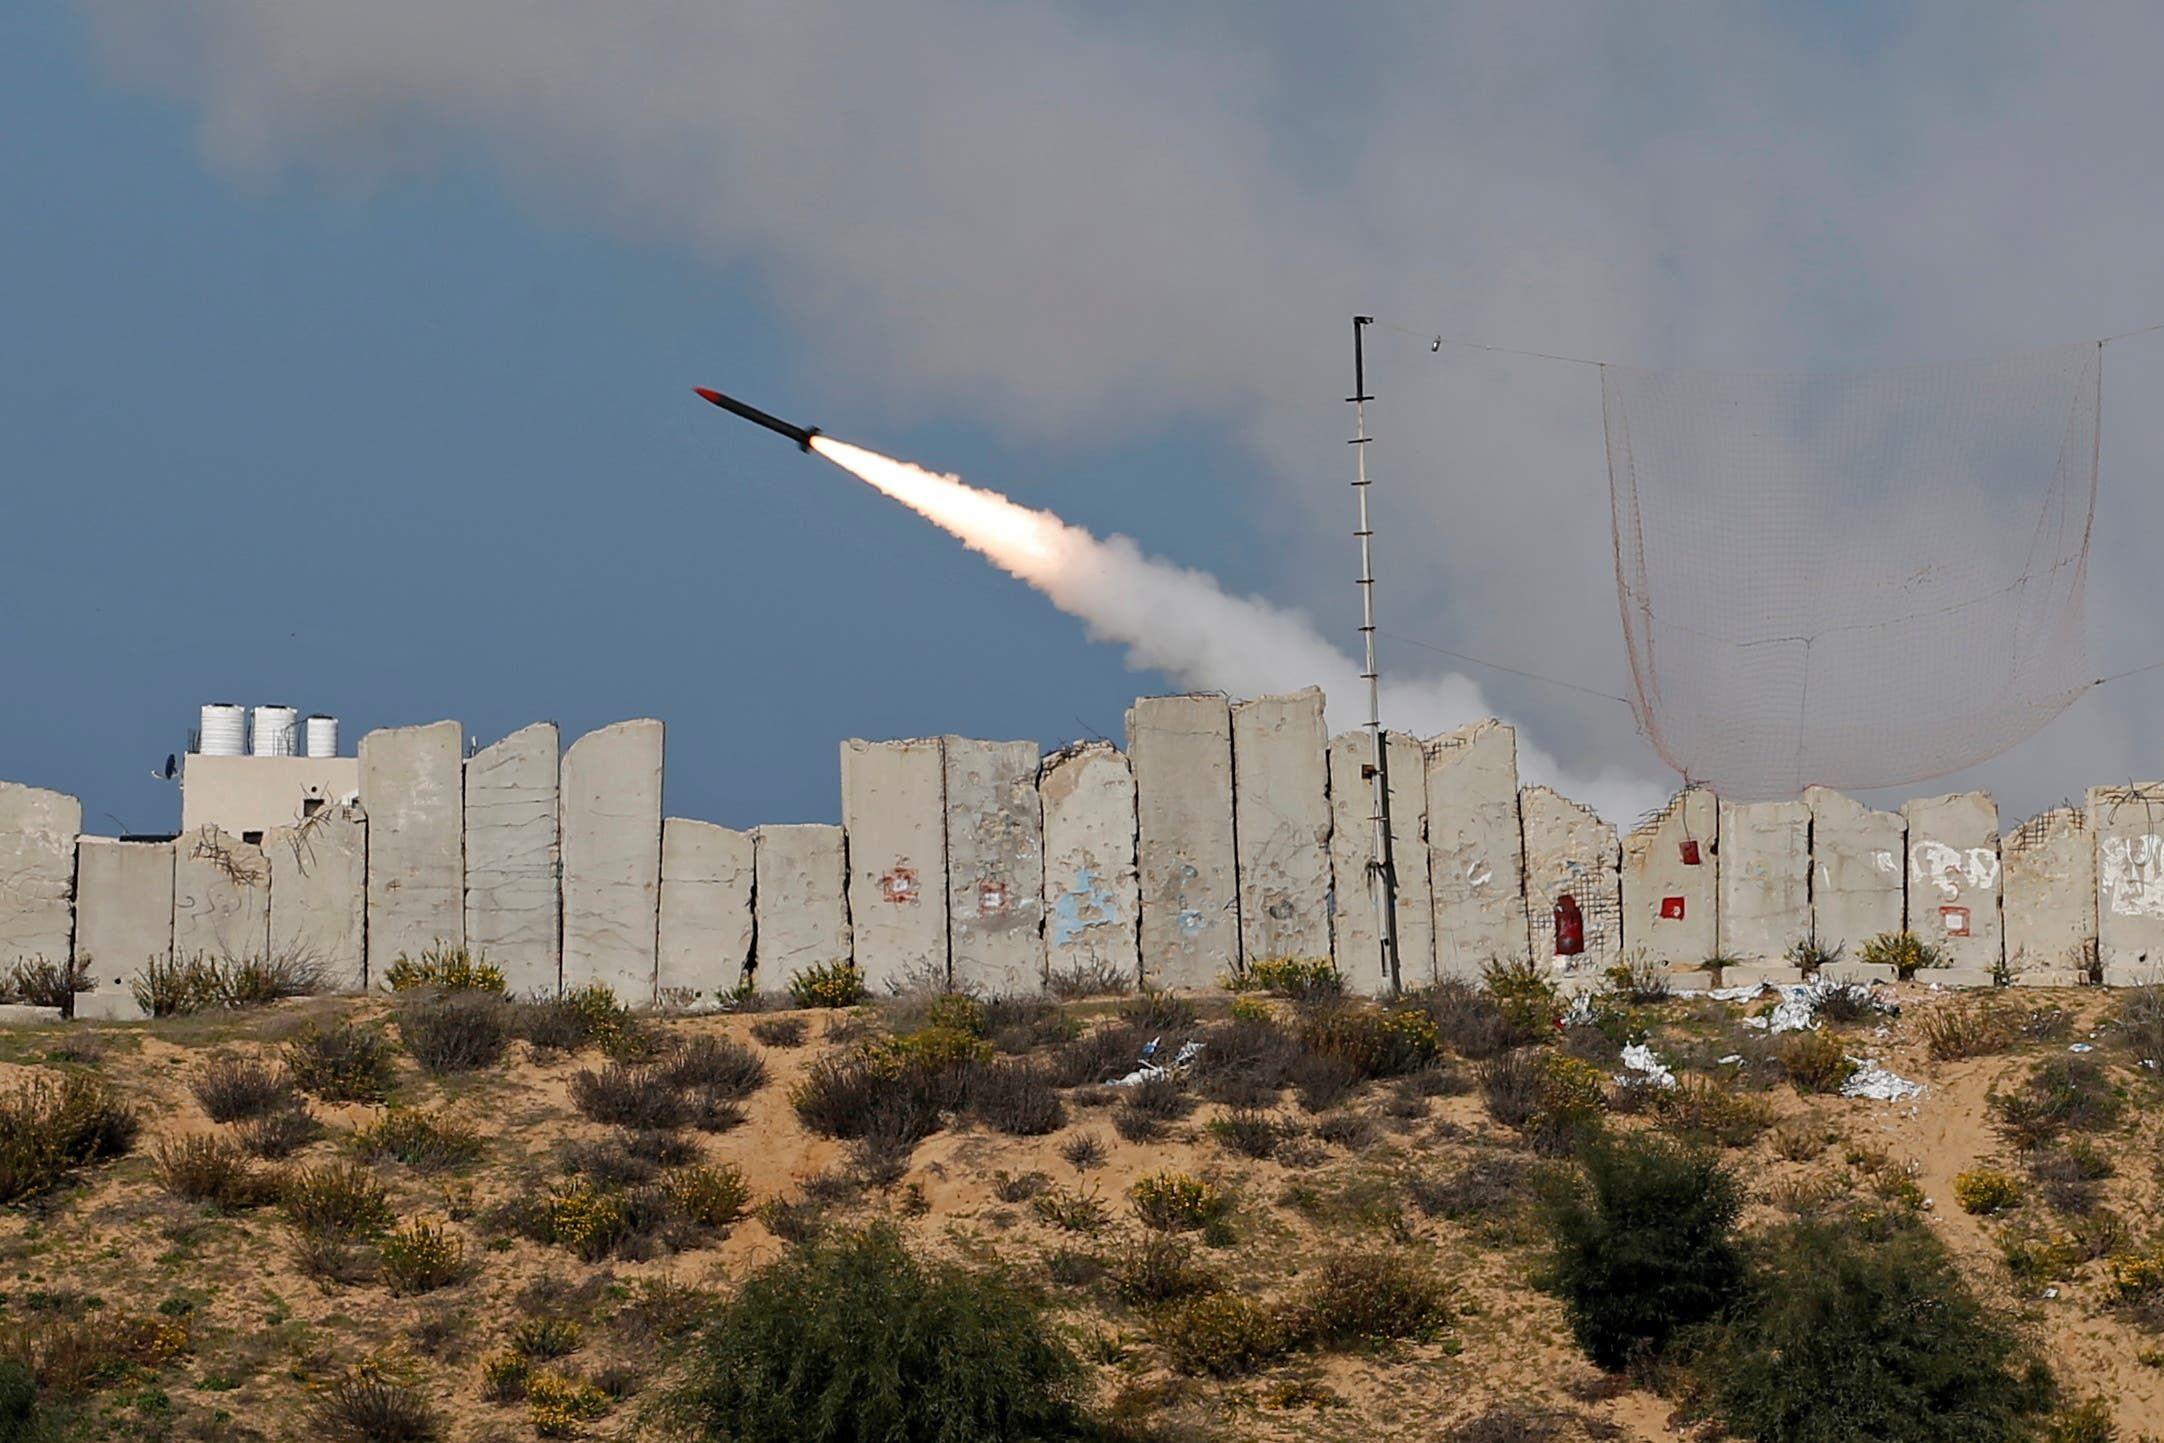 اختبار إطلاق صاروخ صوب البحر من غزة في ديسمبر الماضي